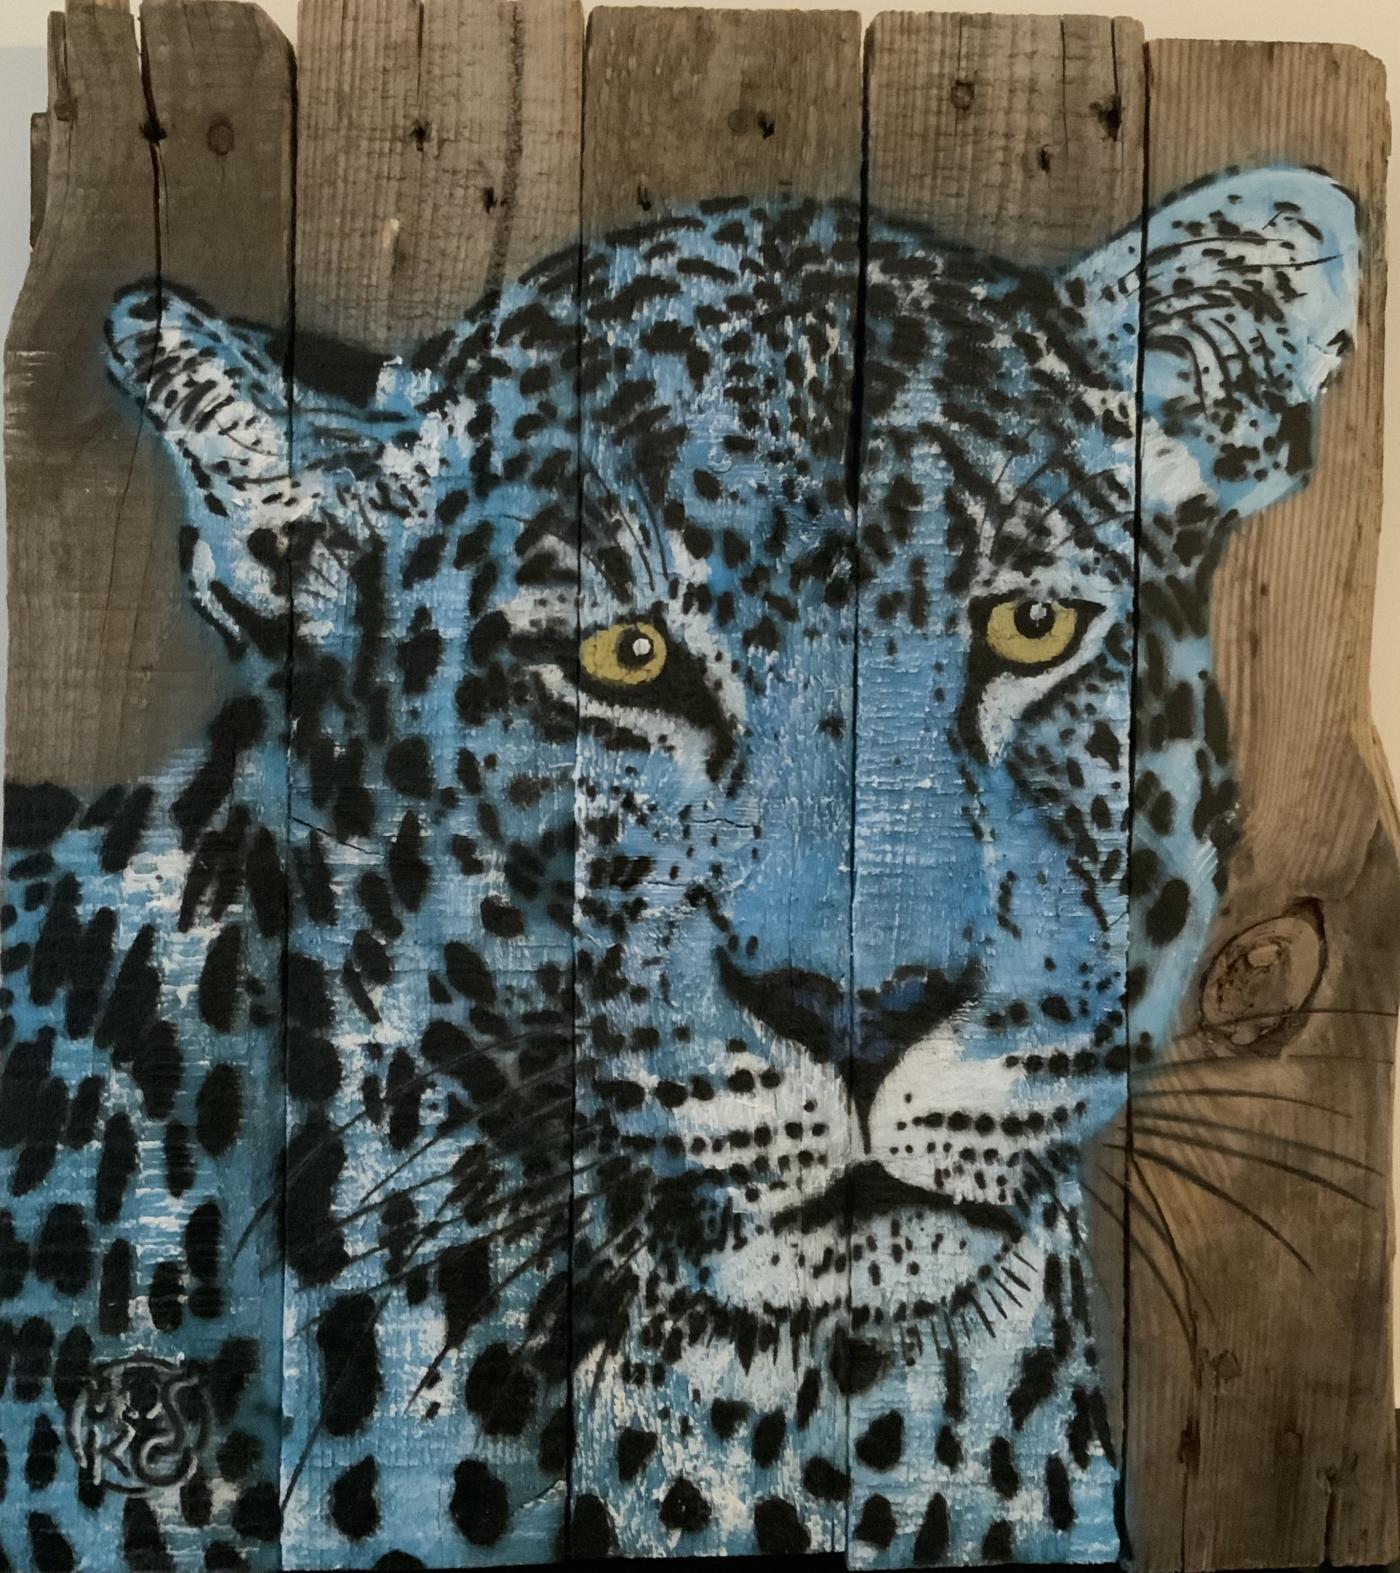 Mosko - Panthère, buste bleu - Spray et acrylique sur bois brut - 36 x 40 cm